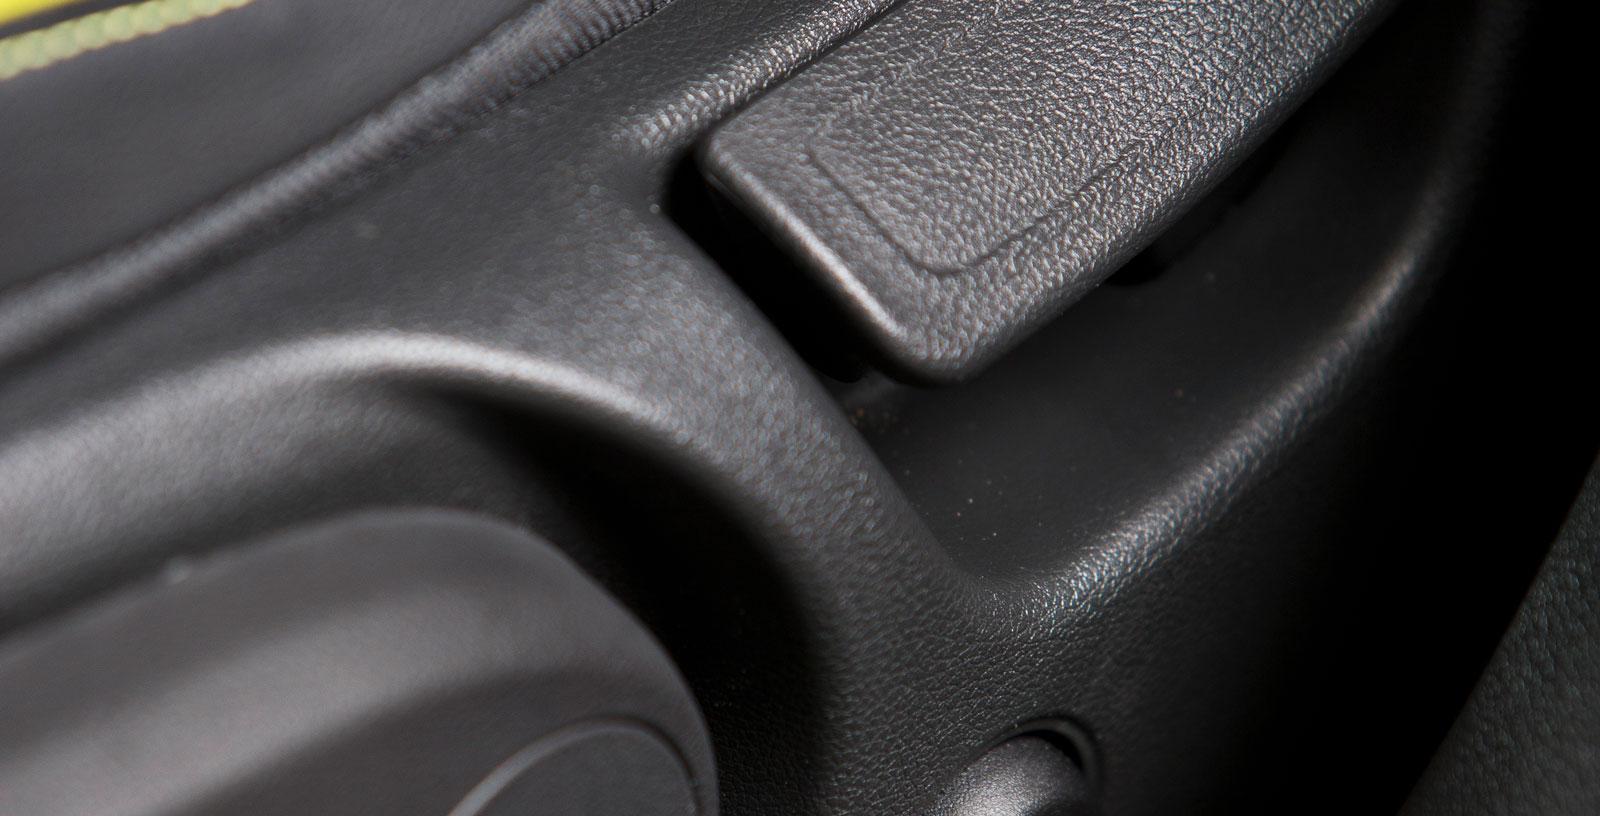 Det elektriska svankstödet sköts via den runda knappen på stolsidan och förstärker den även i övrigt fina sittkomforten.